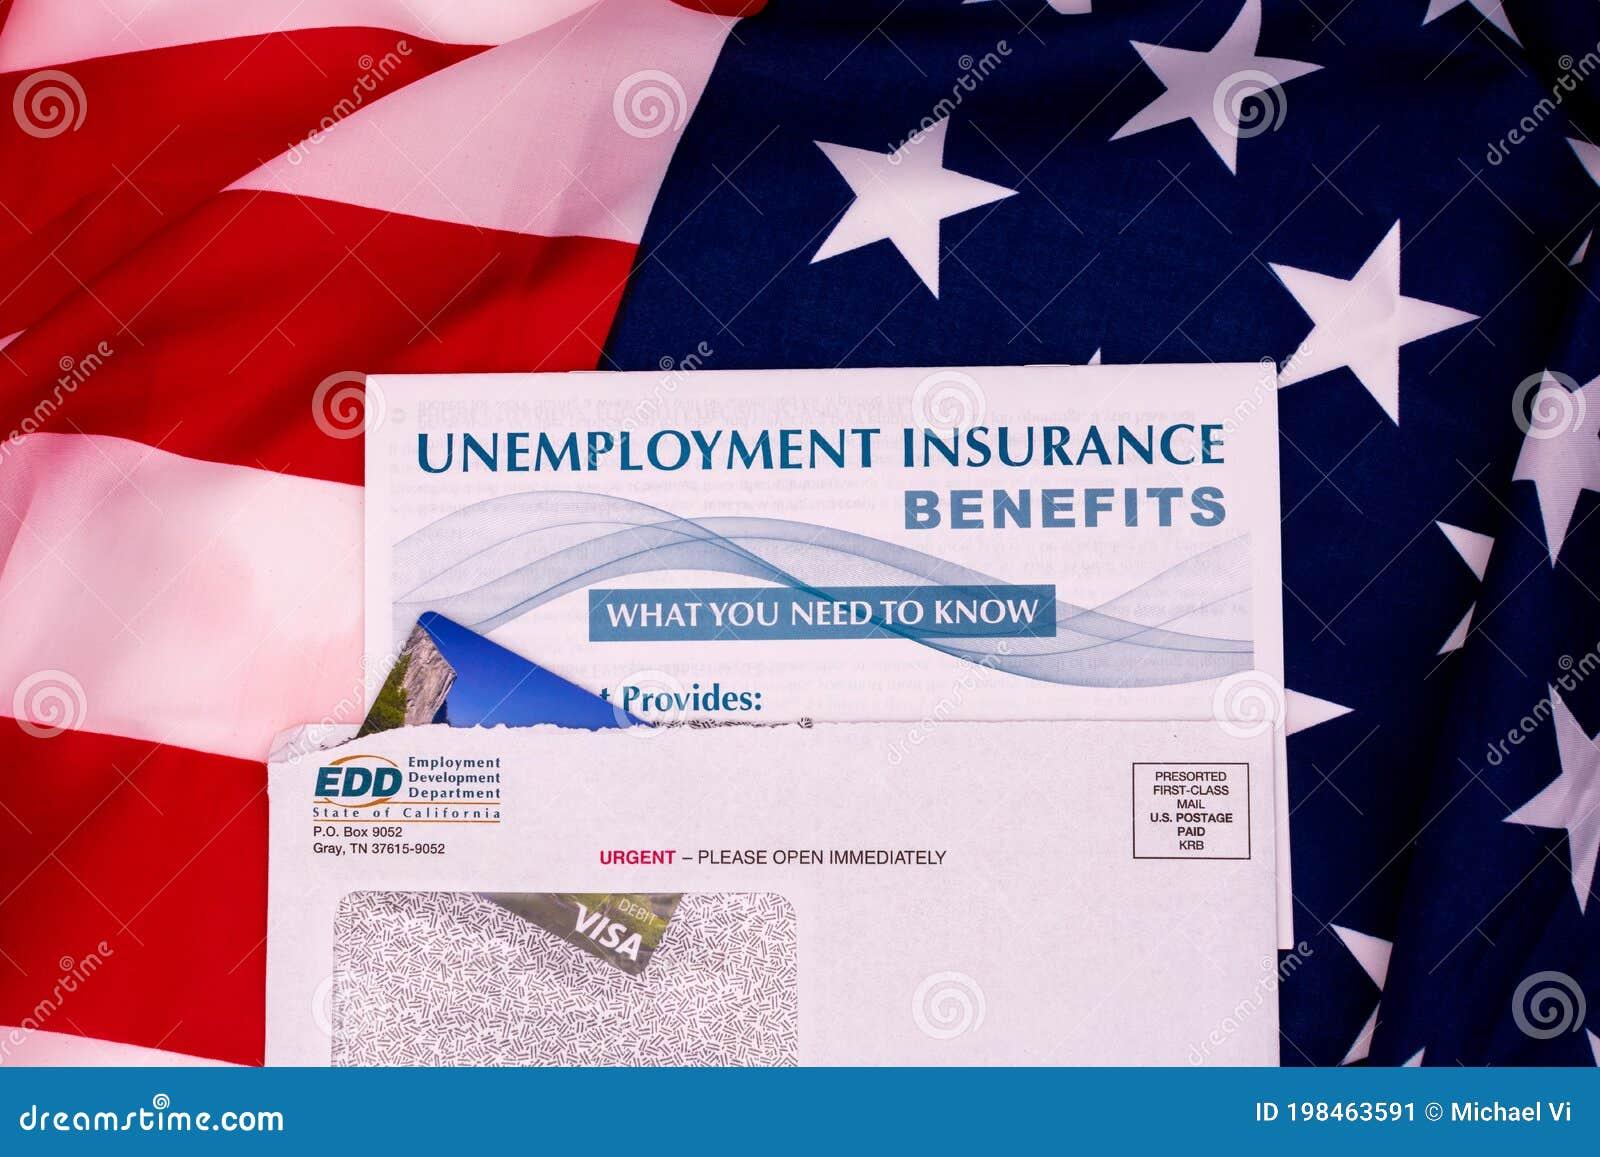 Unemployment Insurance Benefits Booklet. Prepaid VISA Debit Card